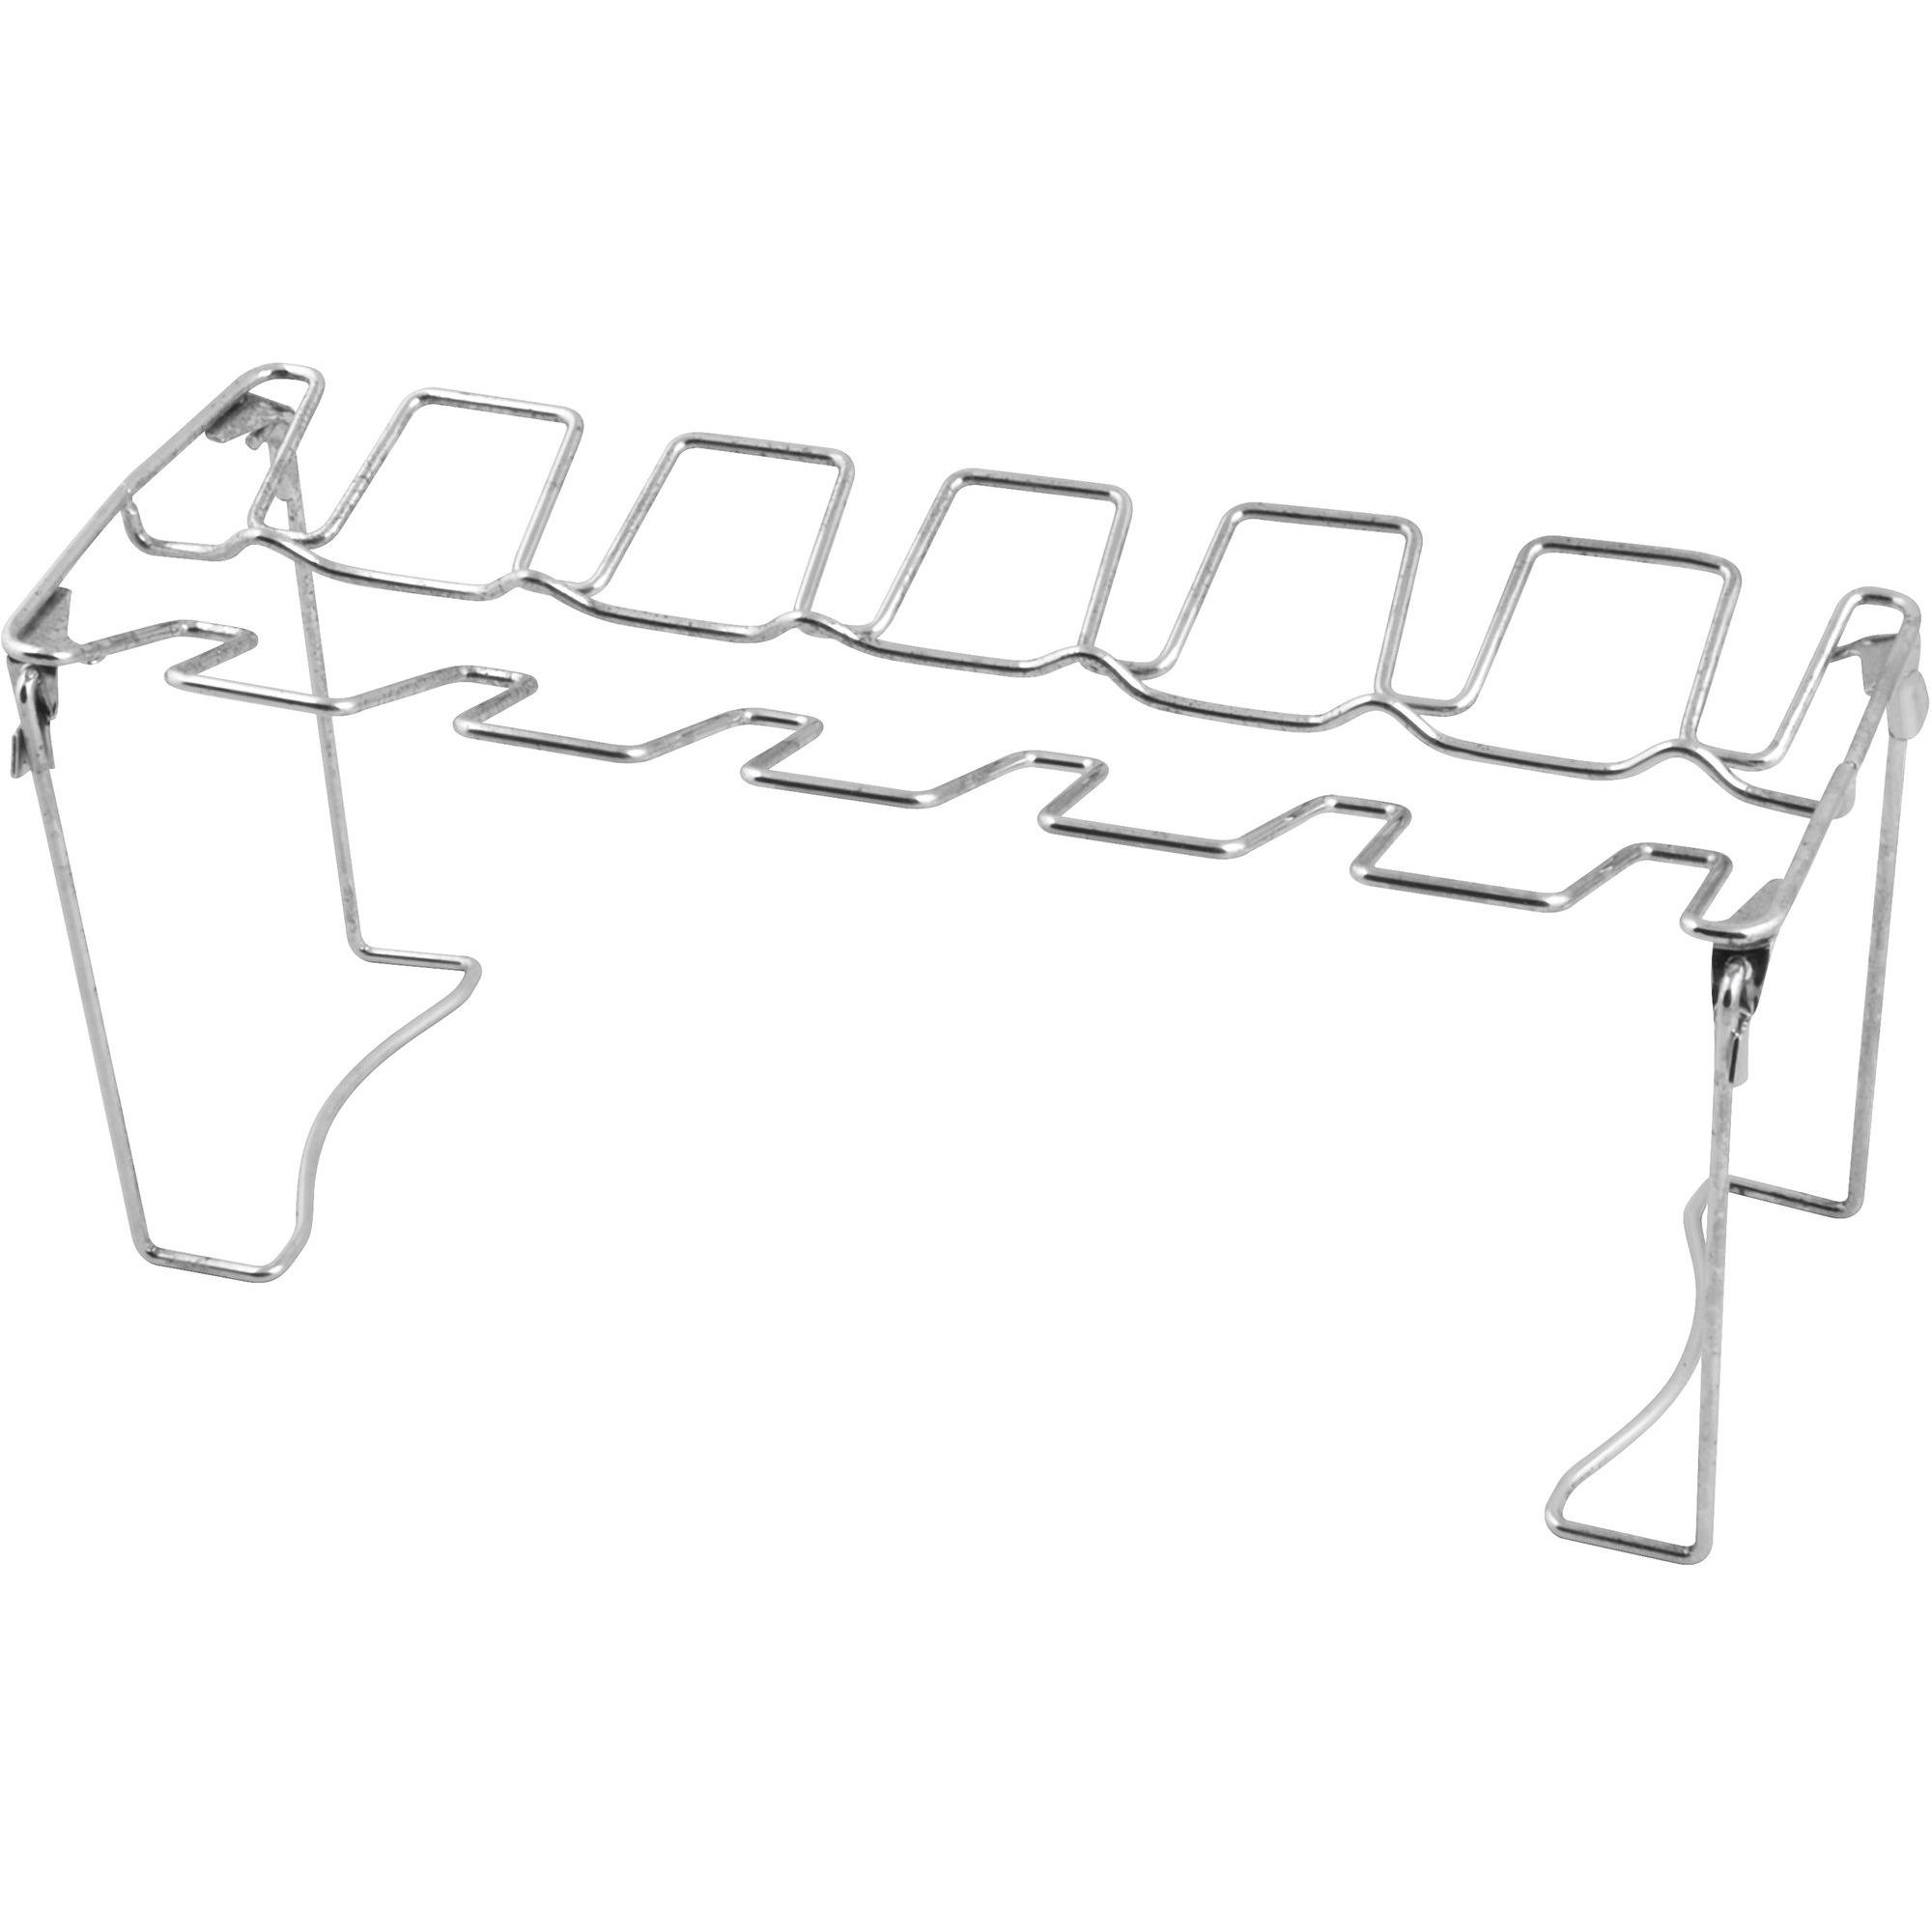 Dangrill Hållare till kycklinglår/vingar